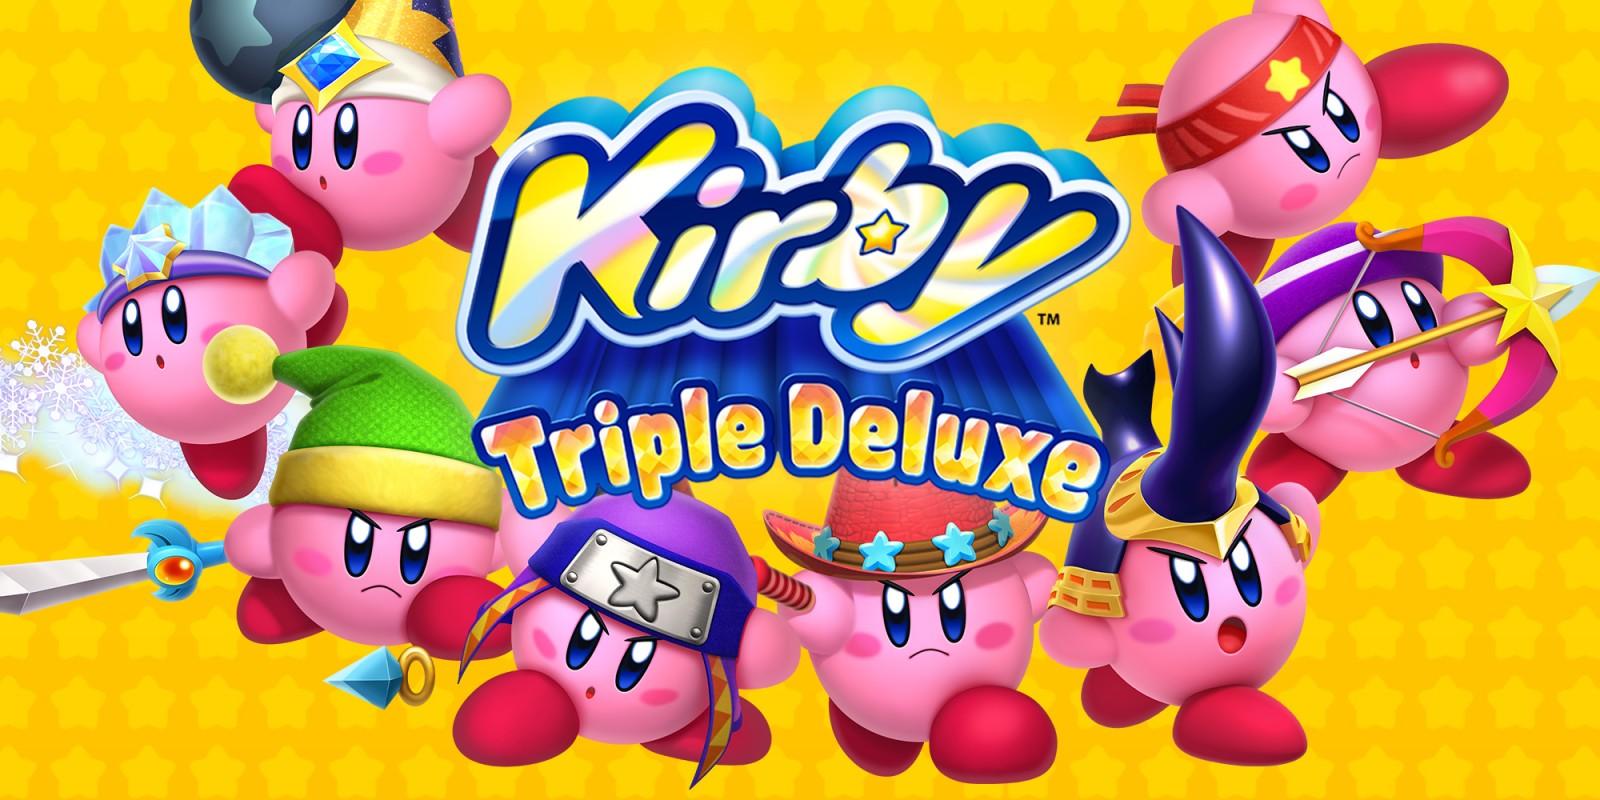 Kirby Triple Deluxe Nintendo 3ds Giochi Nintendo